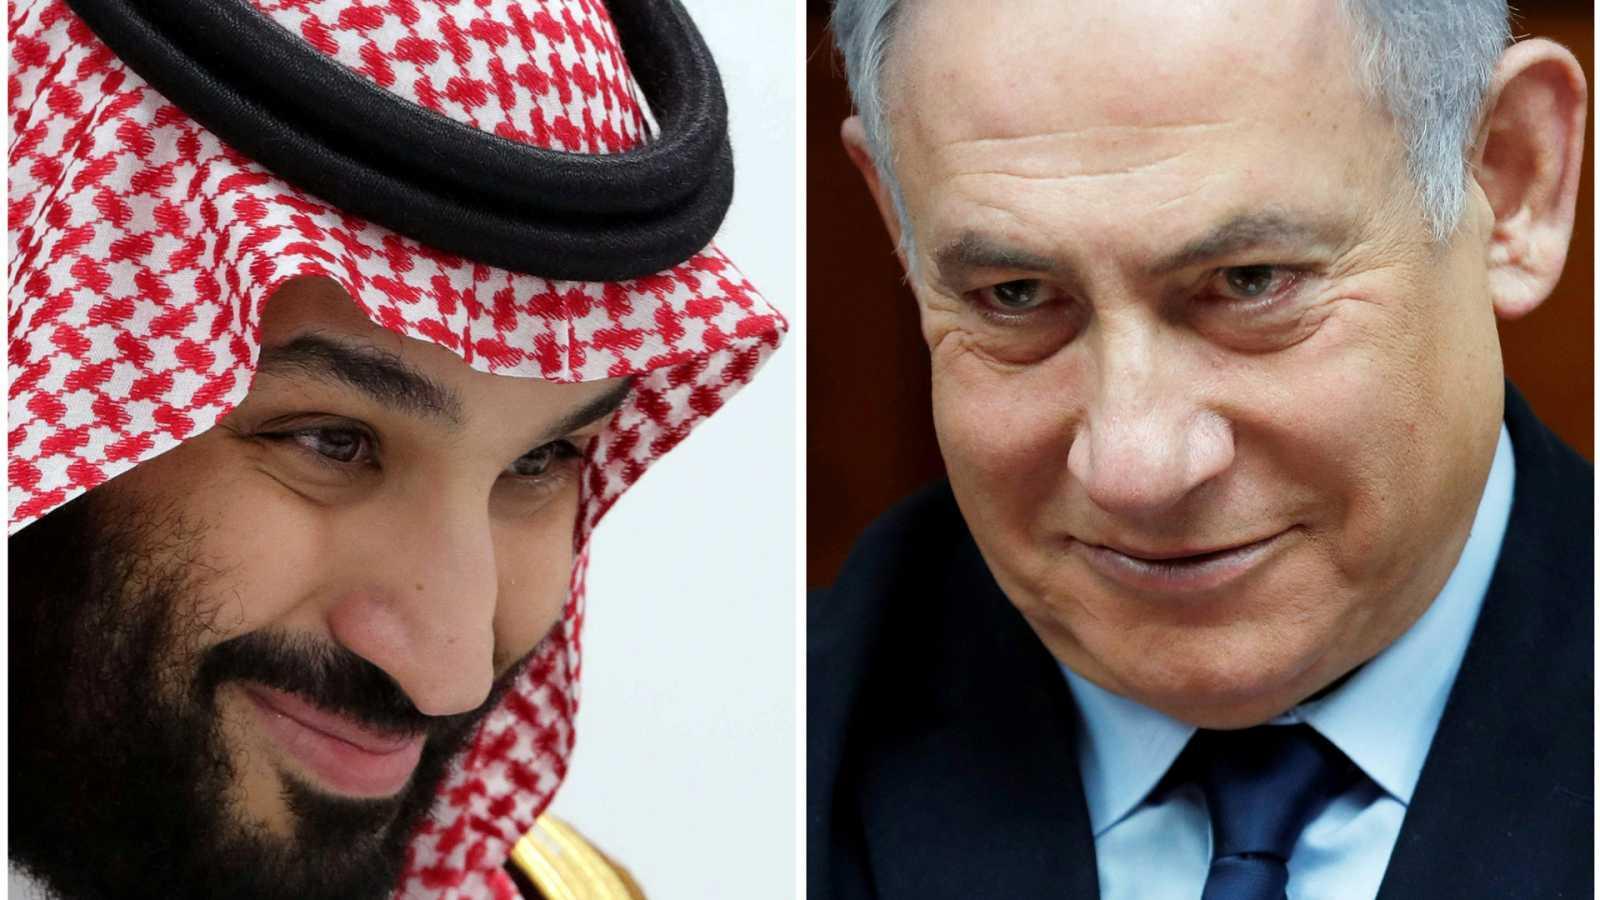 Cinco continentes - Oriente Próximo: ¿reunión Netanyahu-Bin Salman? - Escuchar ahora